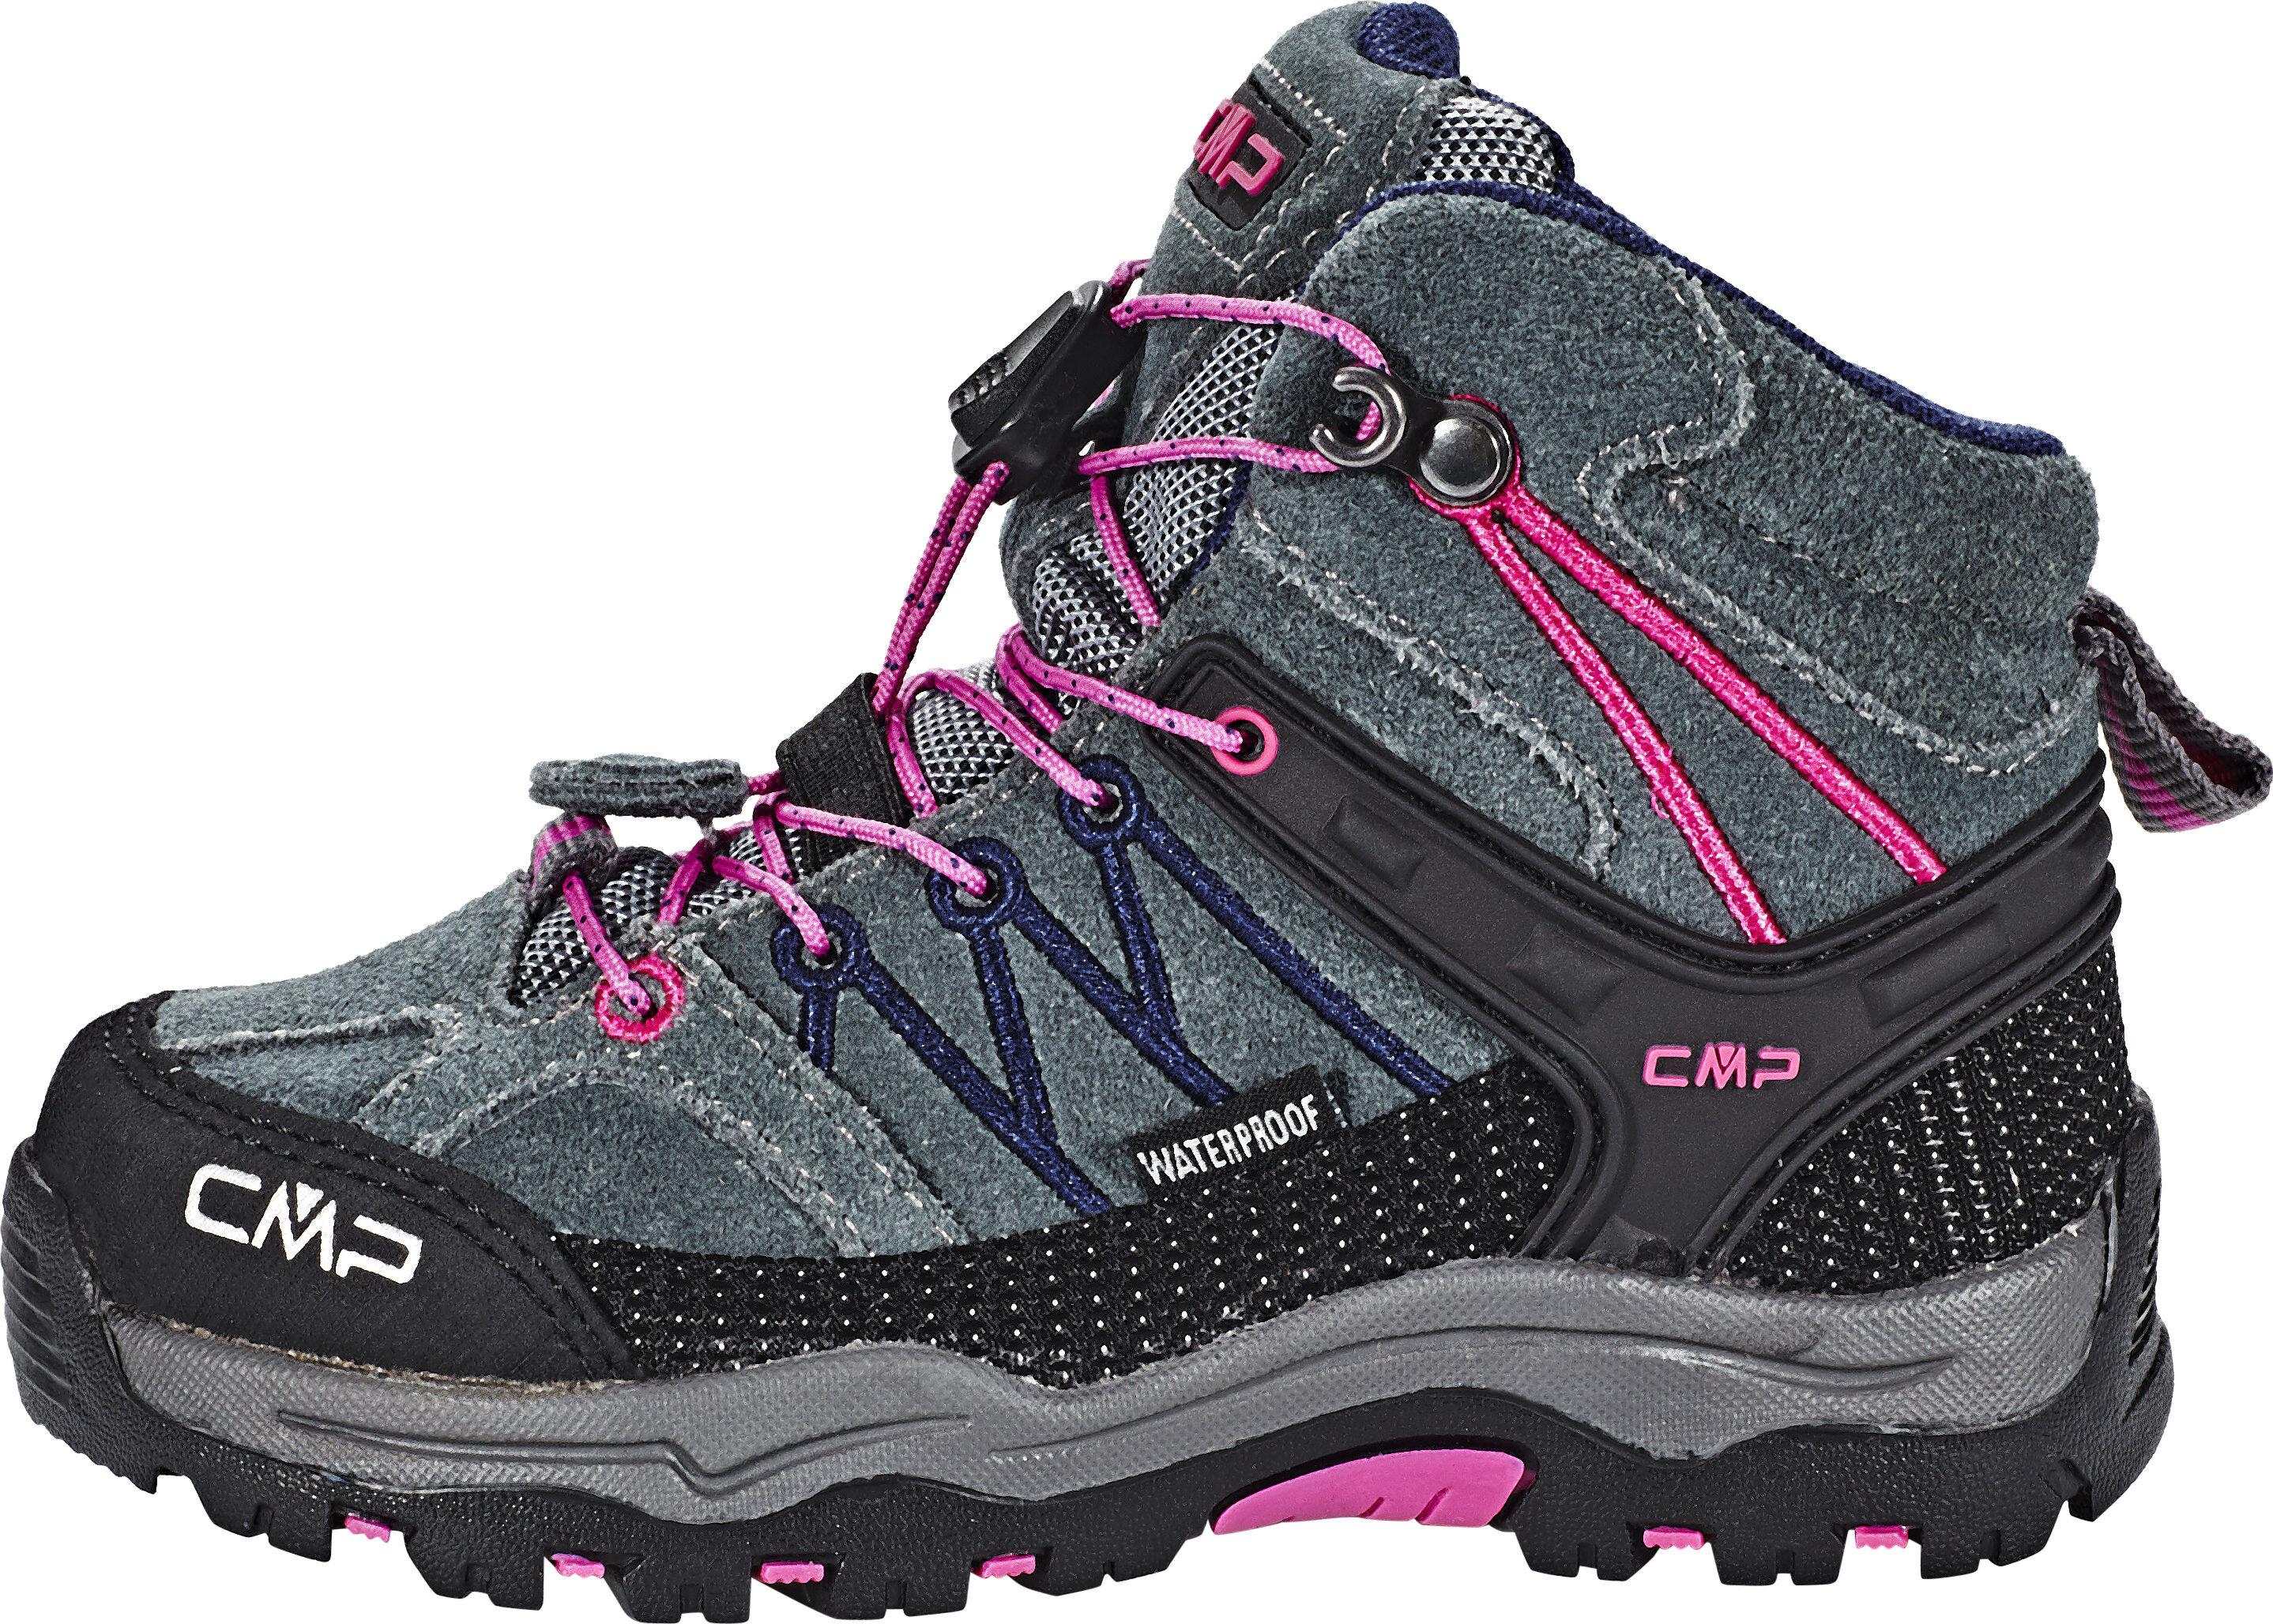 987dc96e50814c CMP Campagnolo Rigel Mid WP Schoenen Kinderen grijs/roze l Outdoor ...